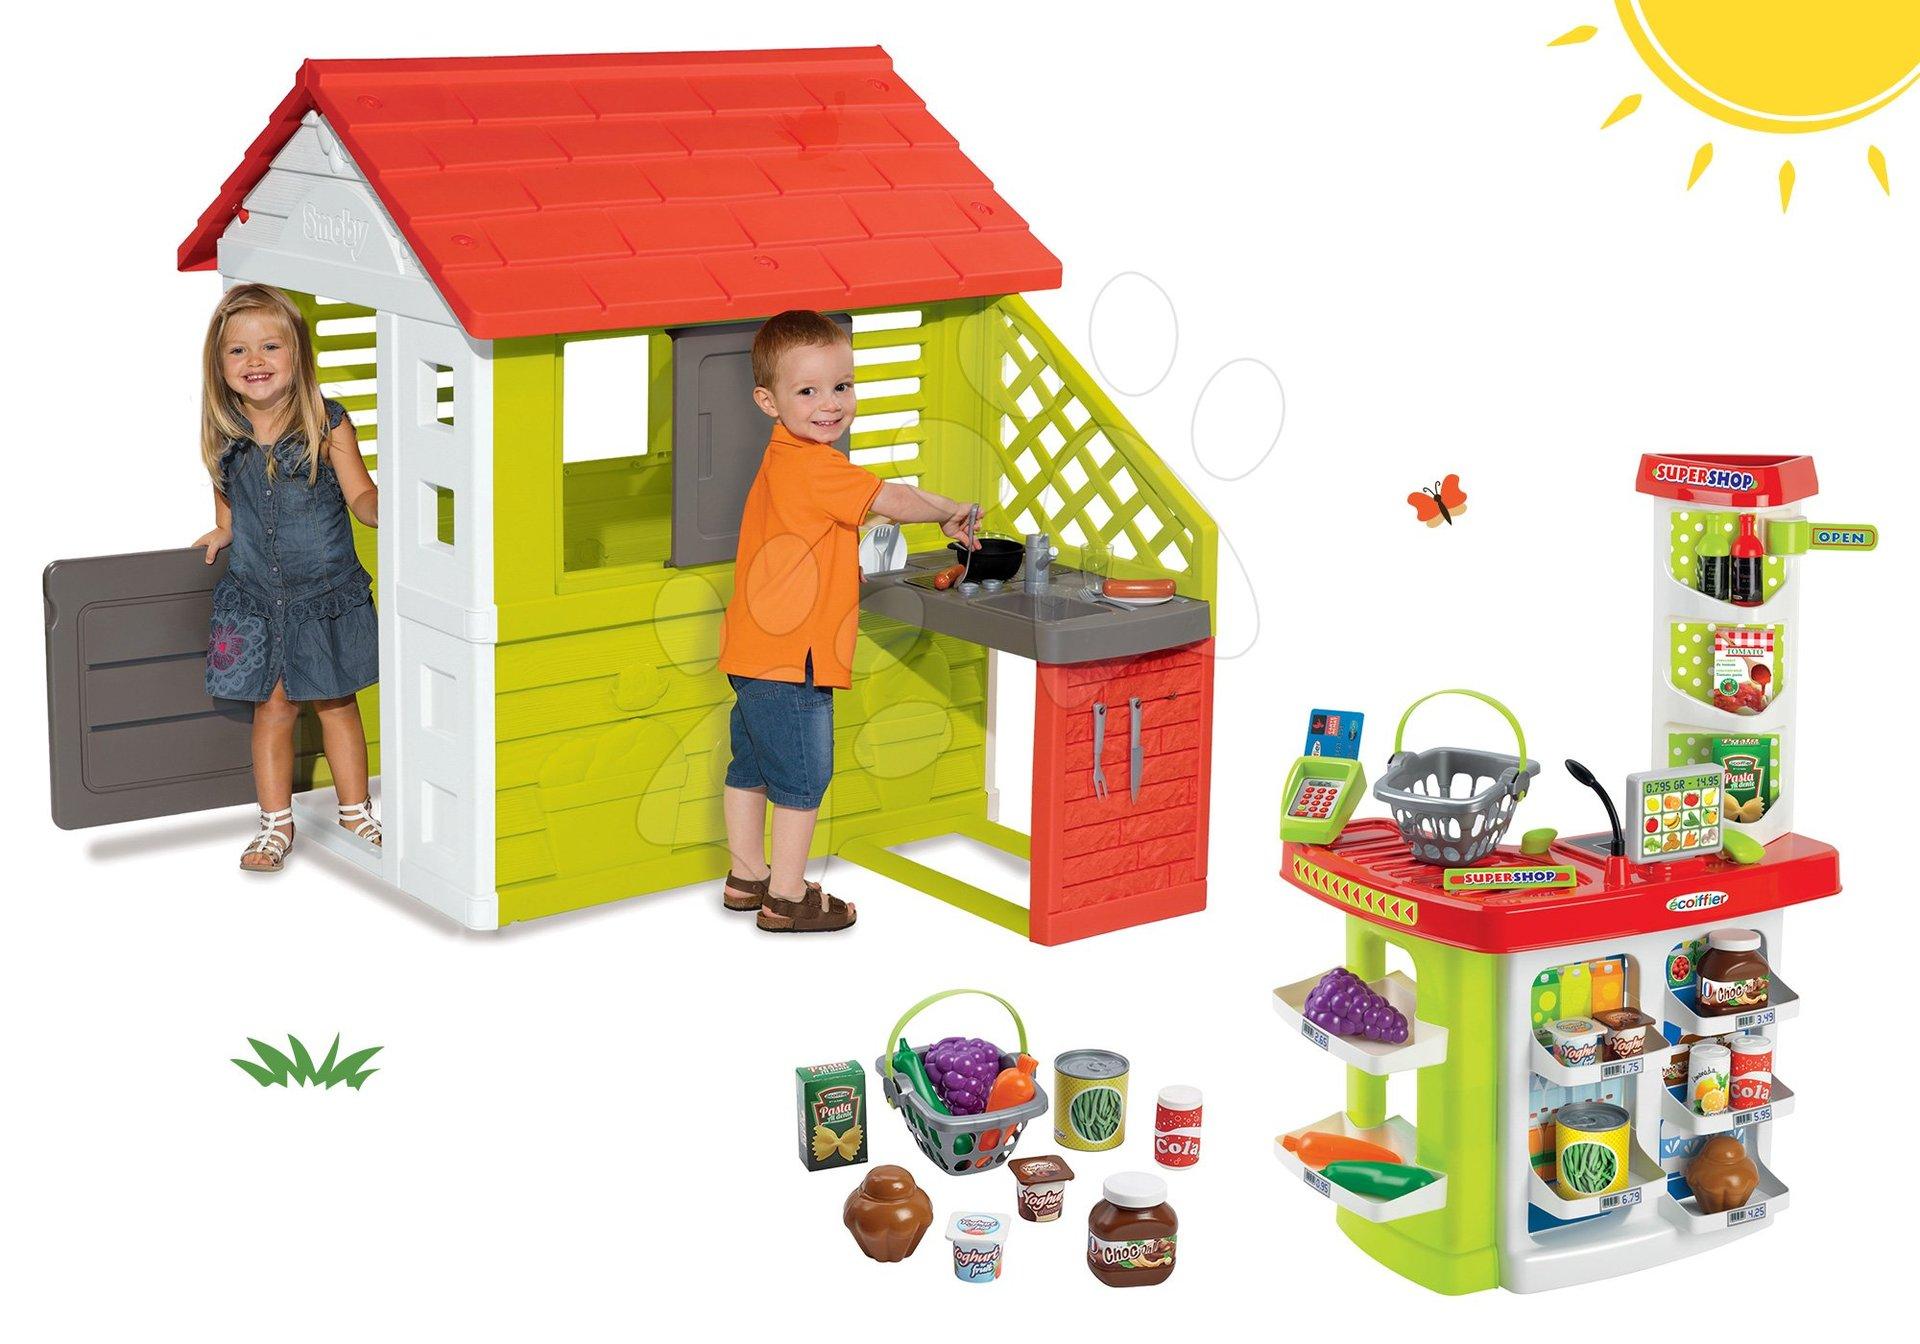 Smoby set domček Pretty Nature s letnou kuchynkou a obchod Supershop s potravinami a košíkom 810702-41